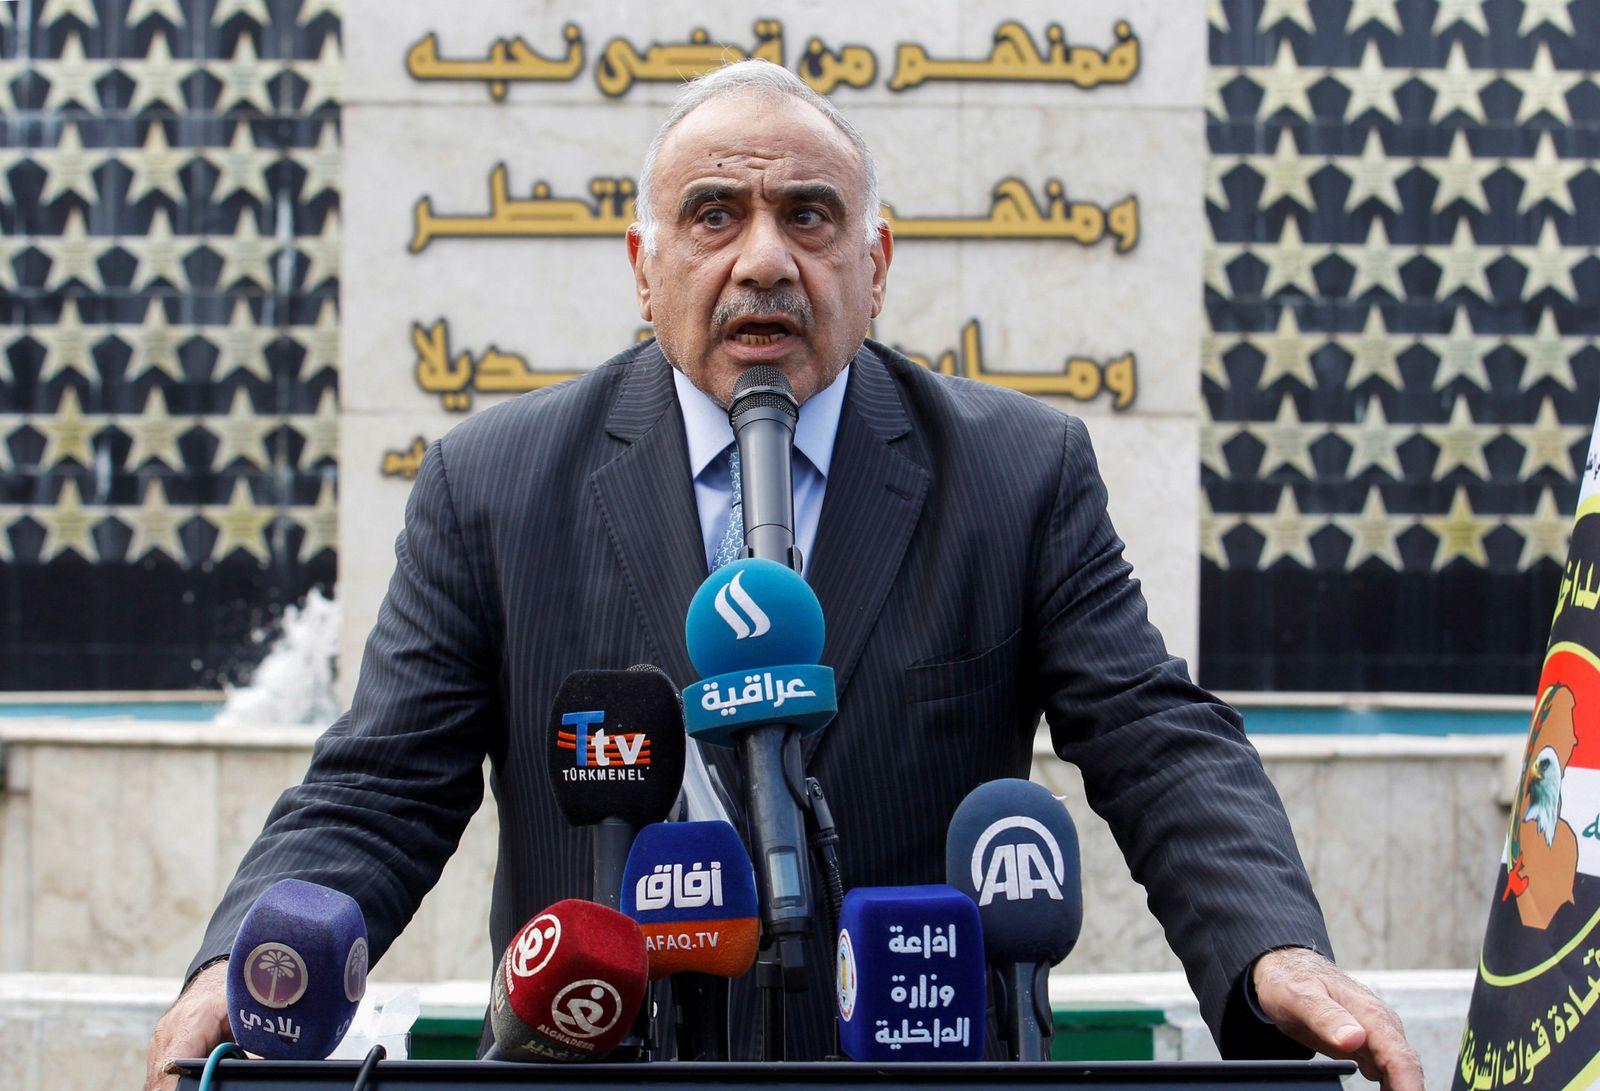 Irak Mahdi